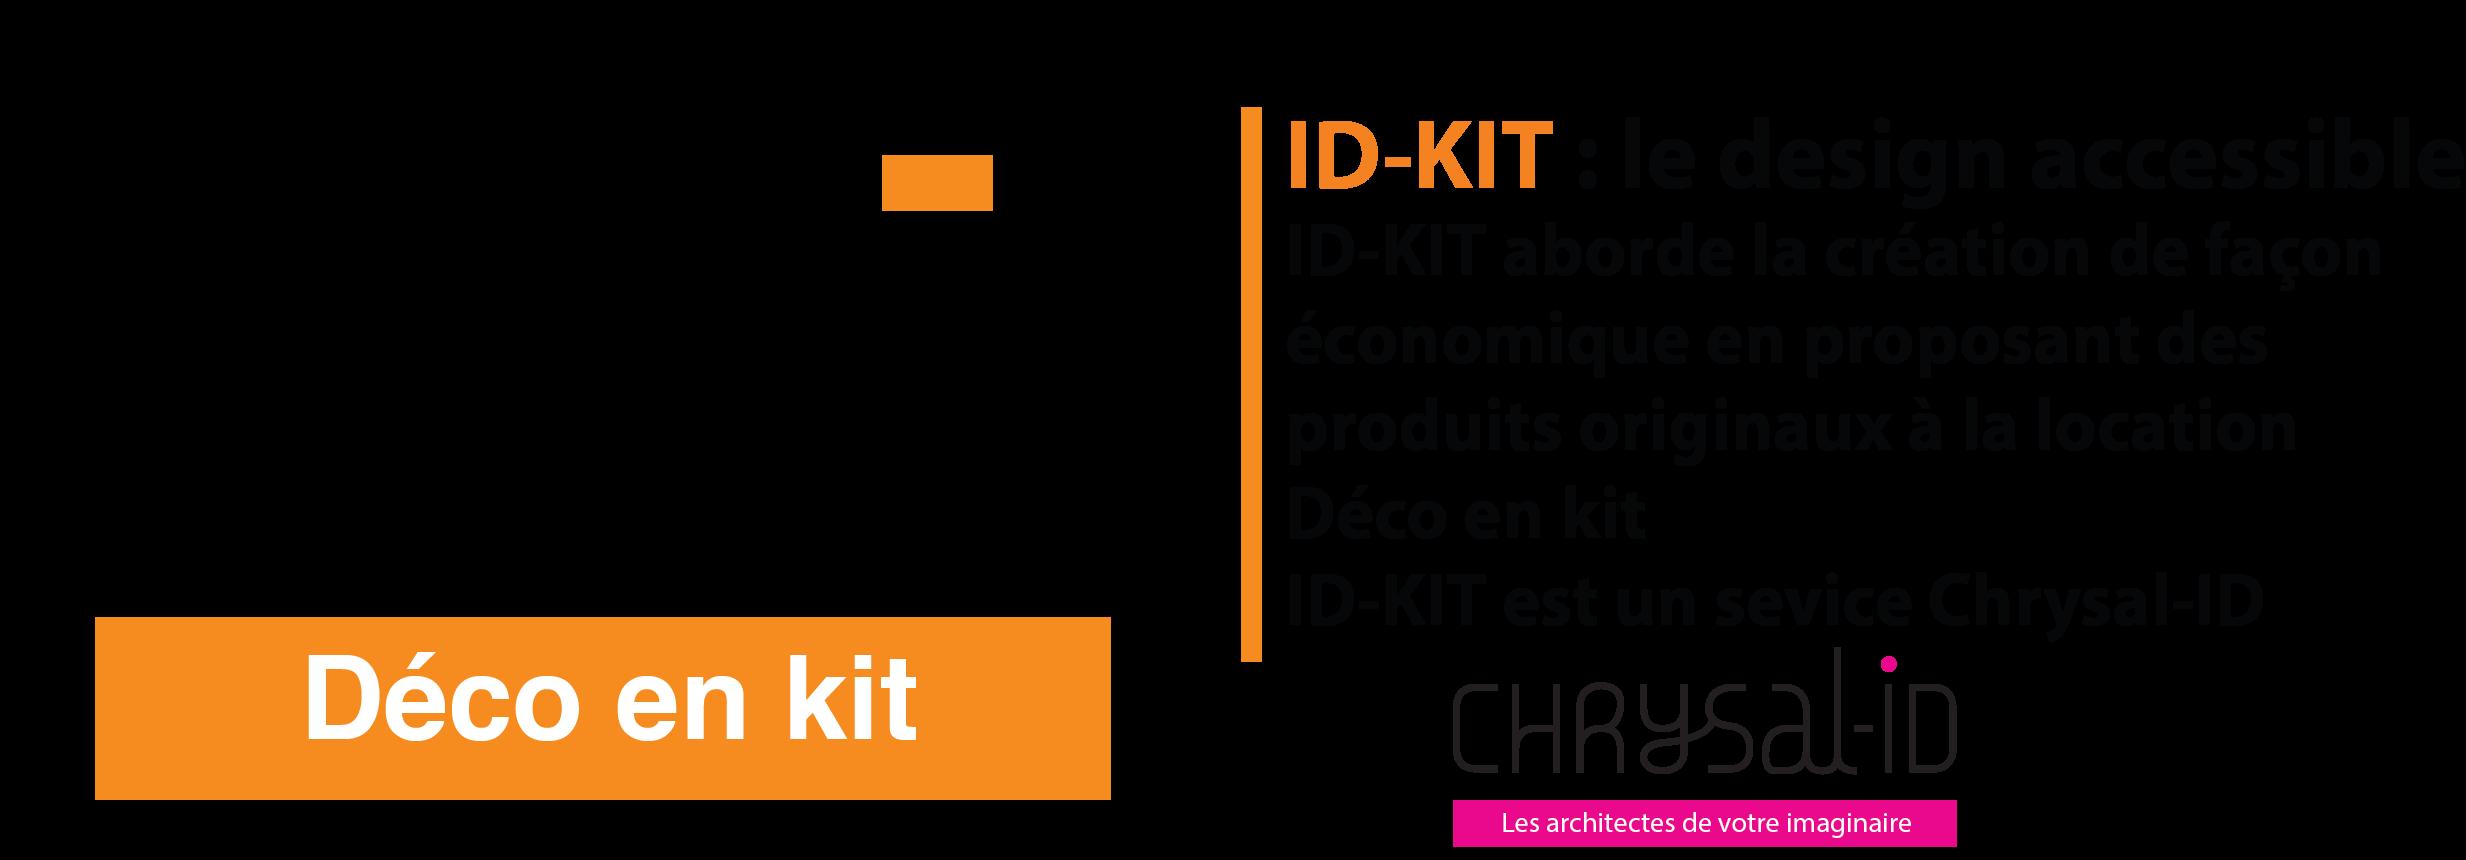 ID Kit